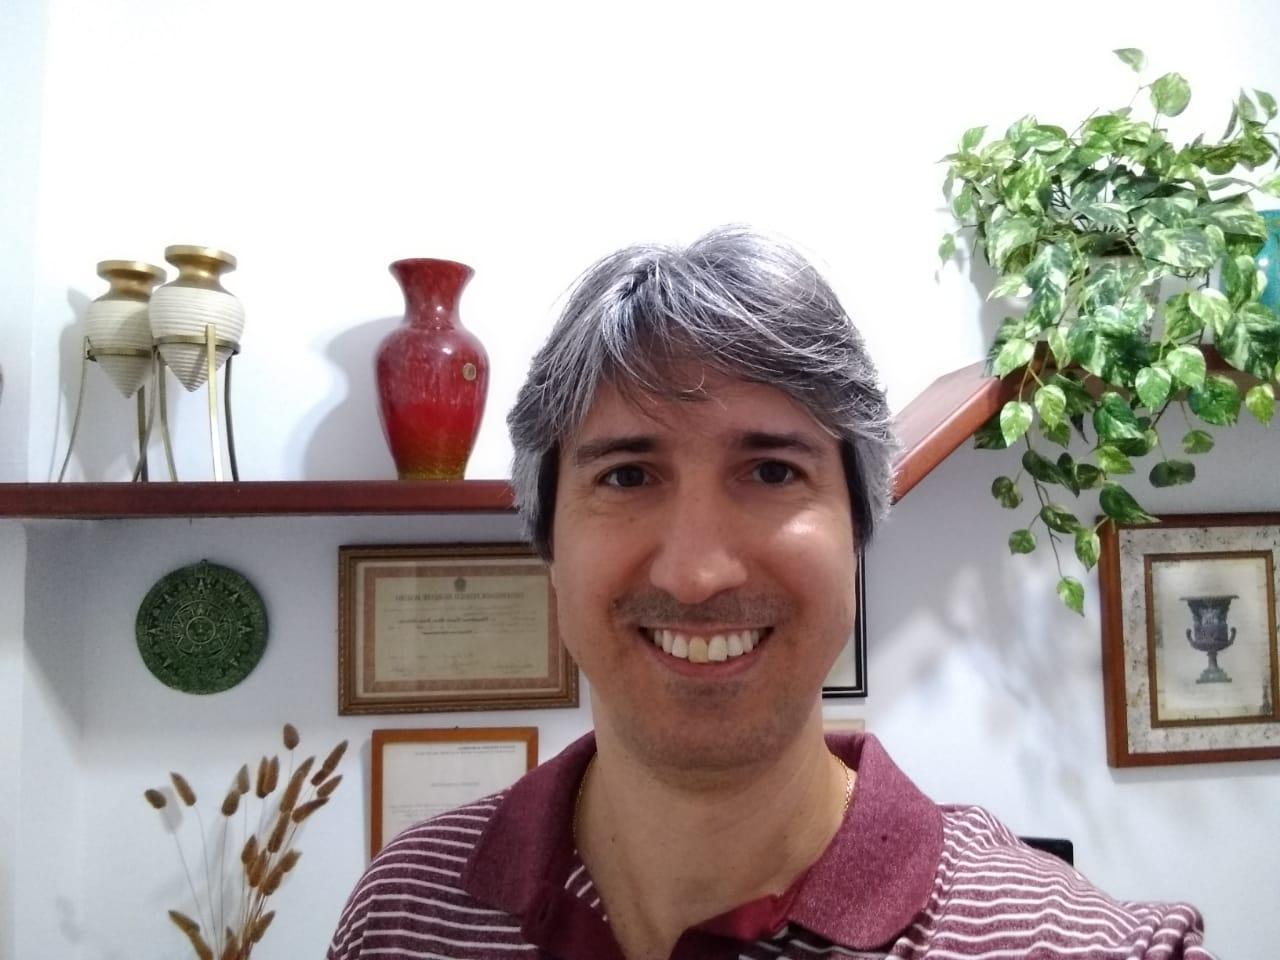 ENTREVISTA: Christiano  Ribeiro - Aprovado no concurso ISS Campinas no cargo de Auditor Fiscal Tributário